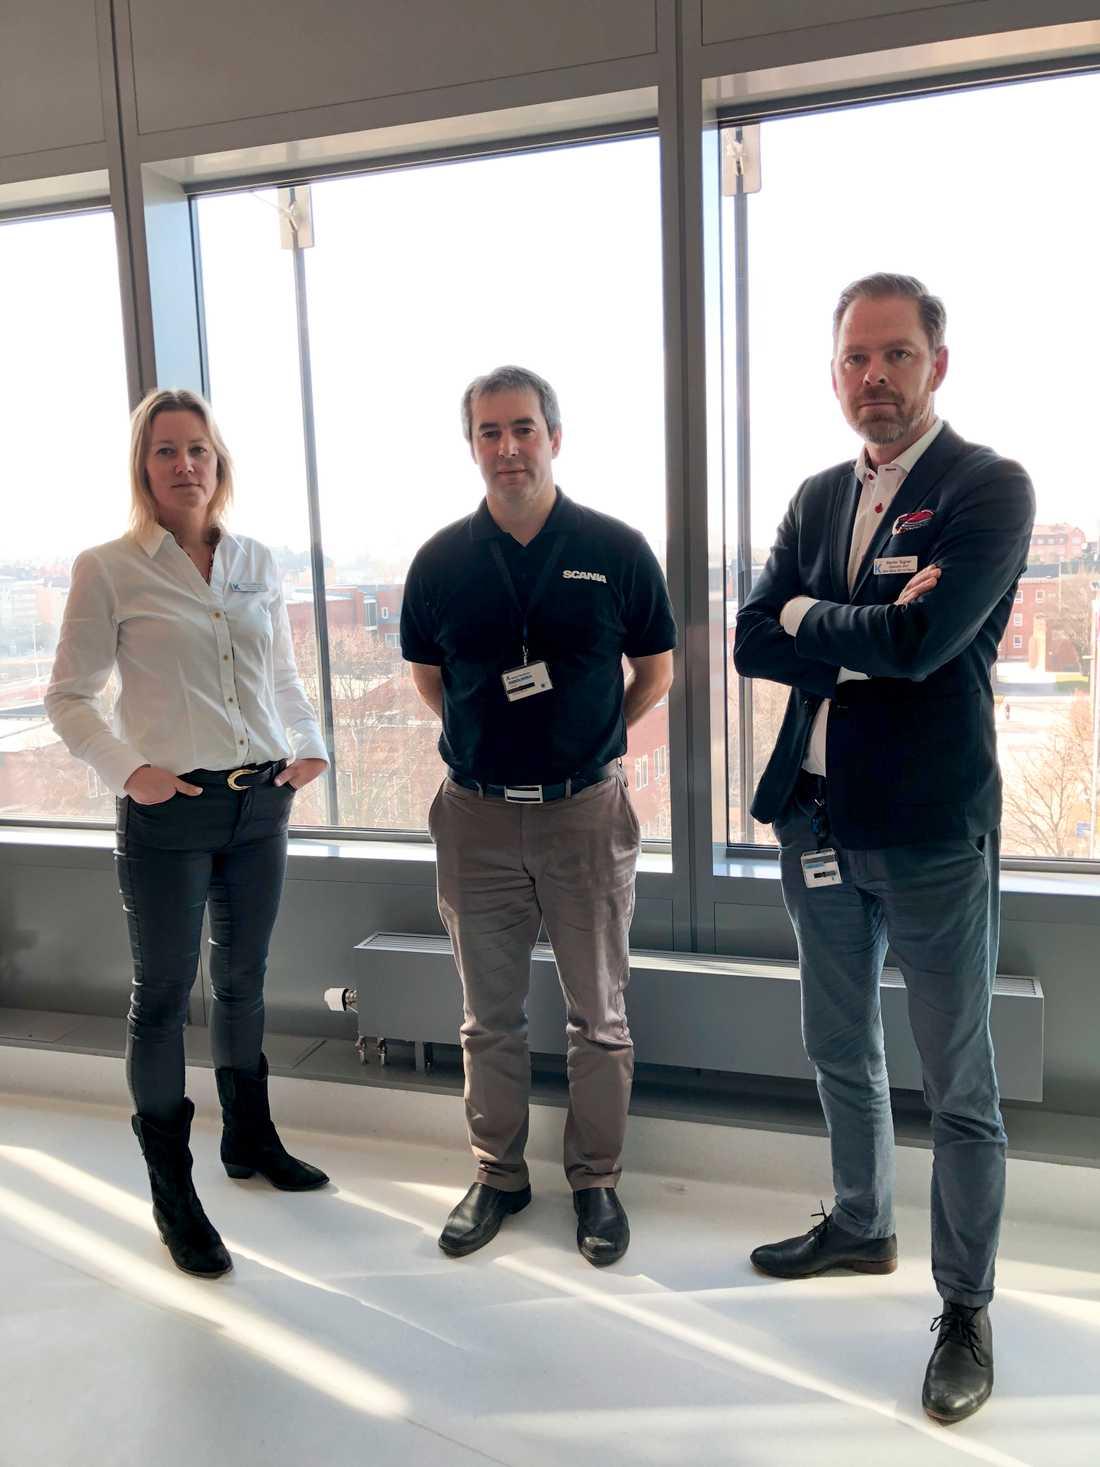 Sara Lindholm Larsson, operativ chef för operation och intensivvård vid Karolinska universitetssjukhuset, Andreas Fabo, från Scanias inköpsledning och Martin Tegnér, operativ chef för hjärta, kärl och neuro Karolinska universitetssjukhuset.